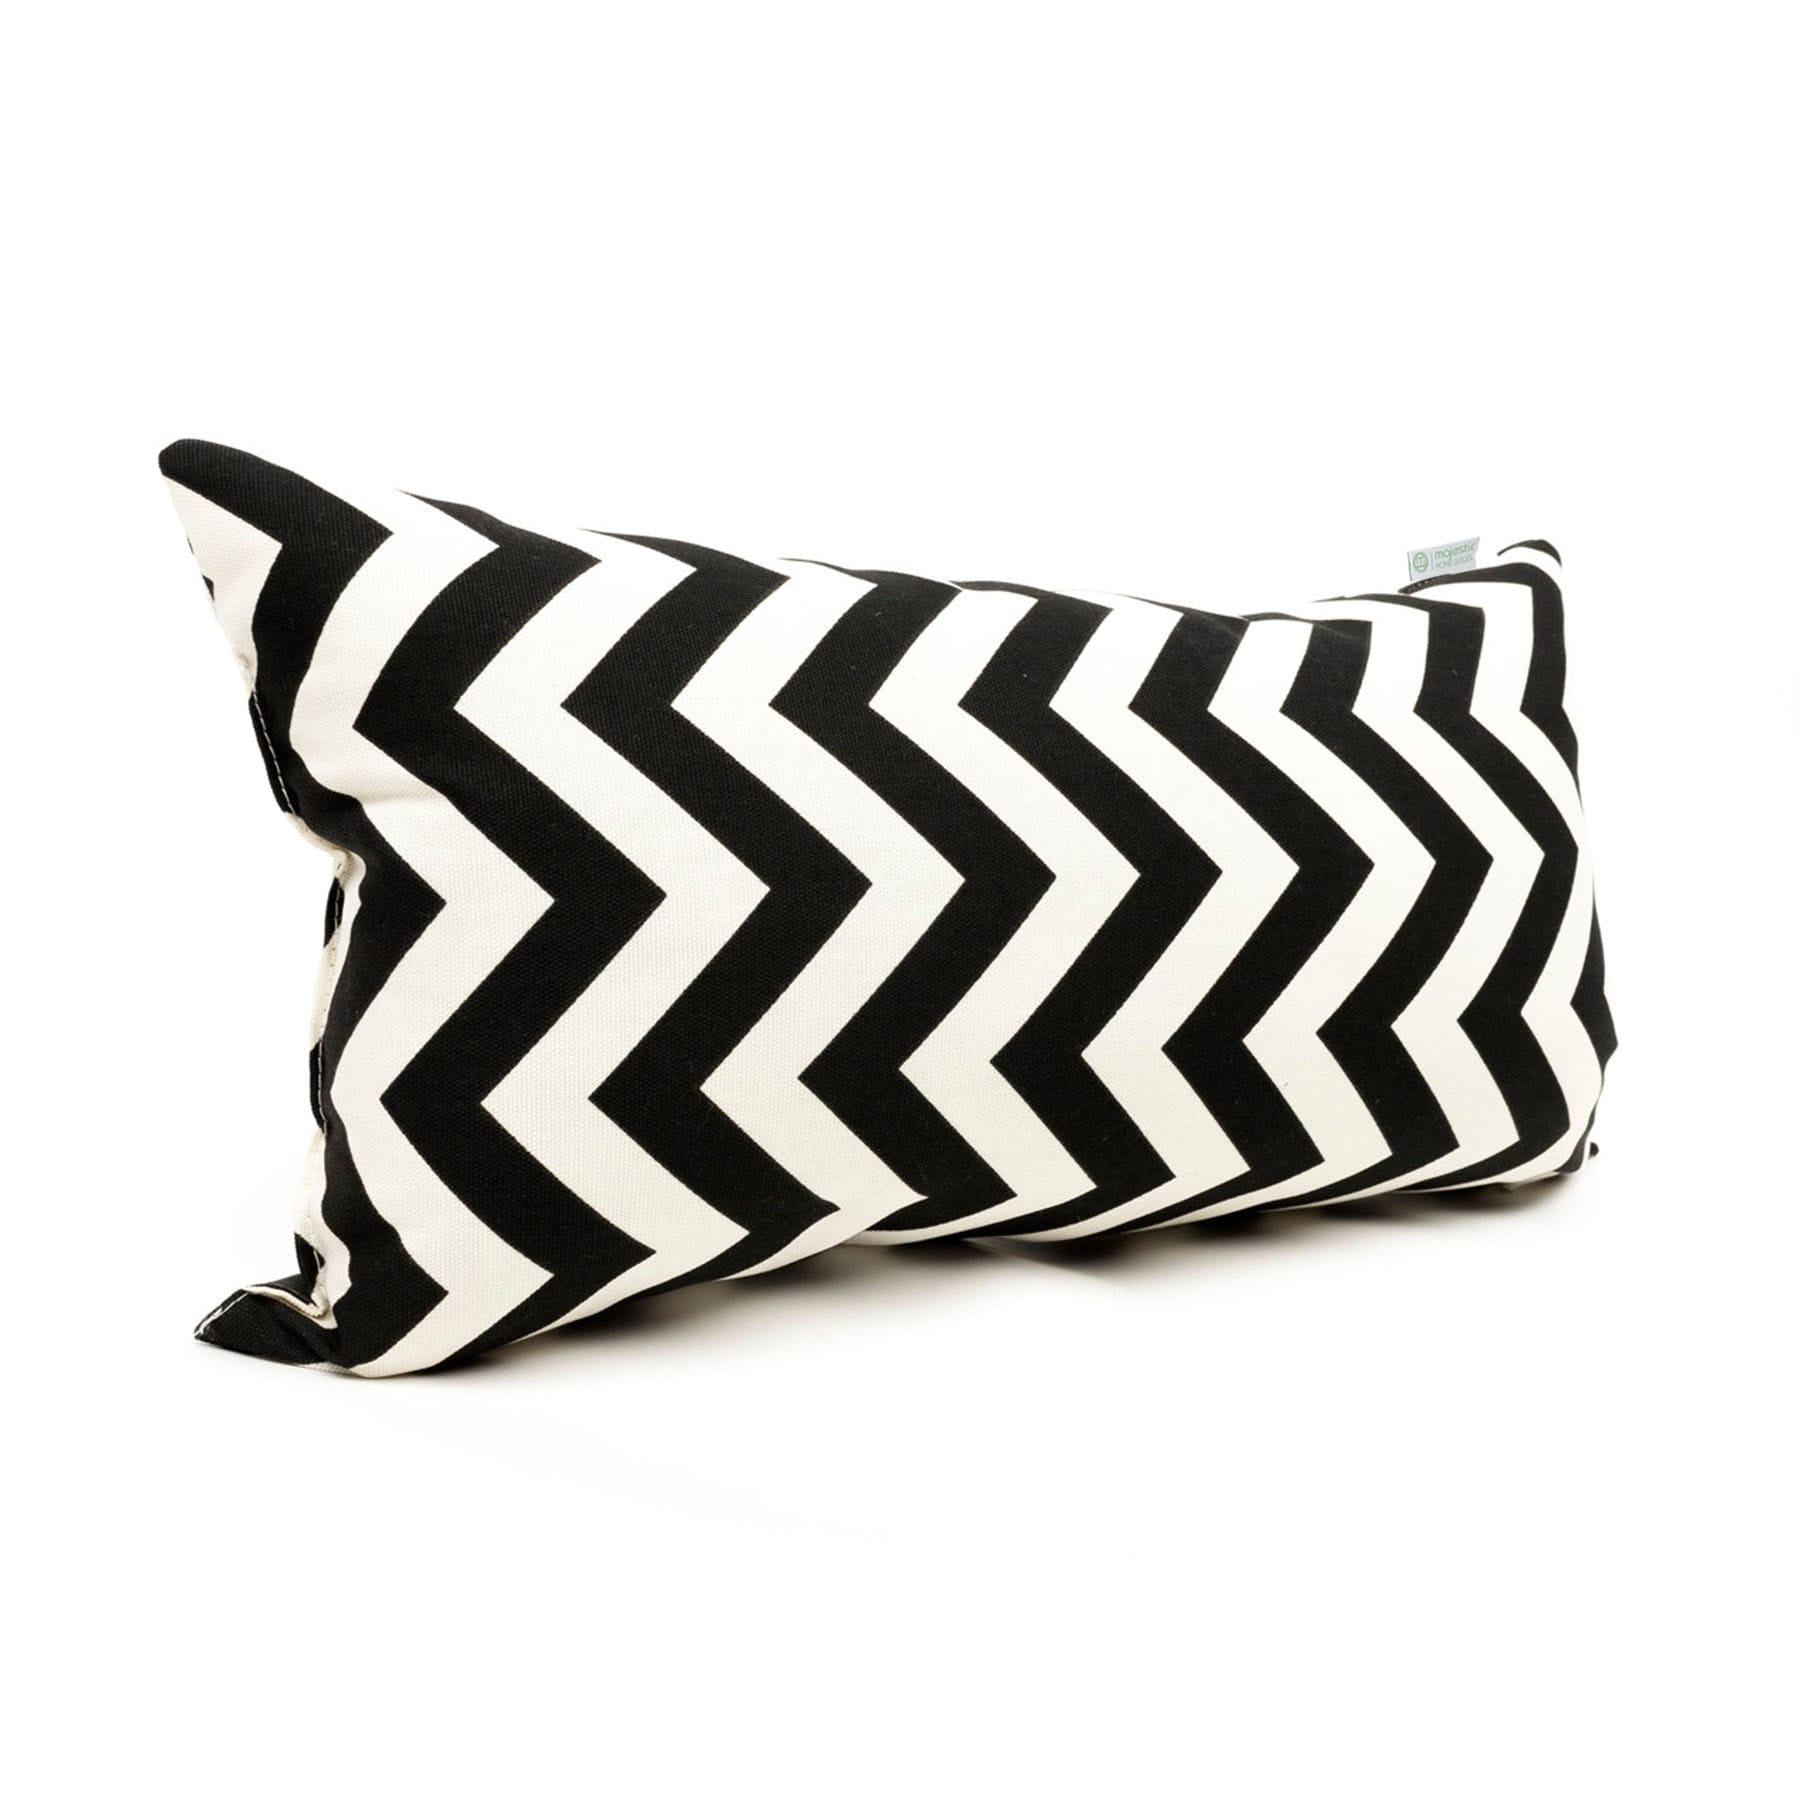 Patio Cushions Pillows At, Home Goods Chair Cushions